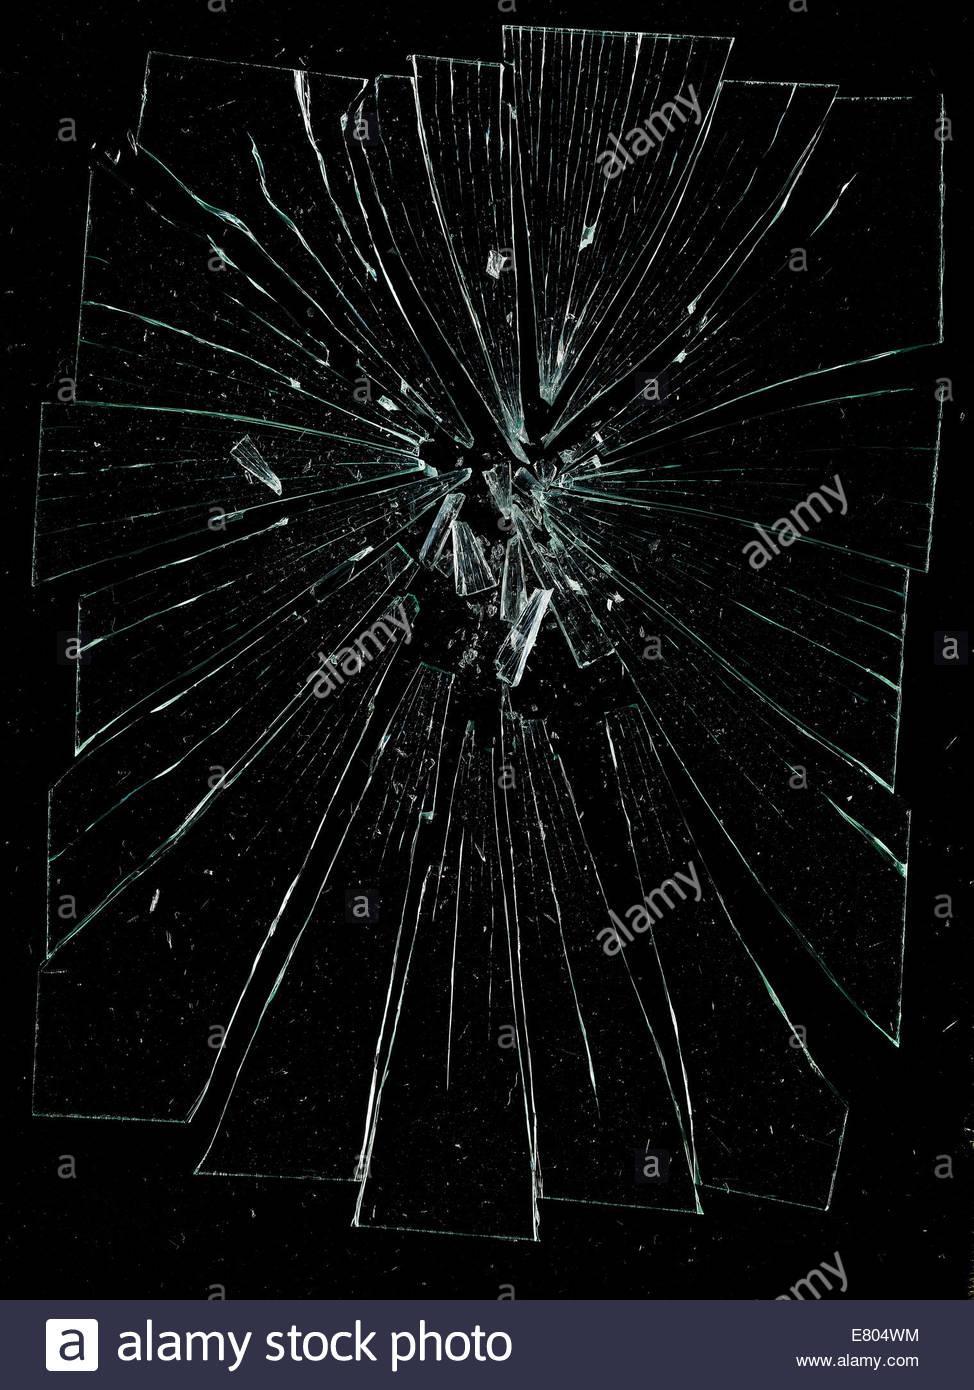 Destrozado en pedazos, agrietadas y vidrio roto contra fondo negro Imagen De Stock